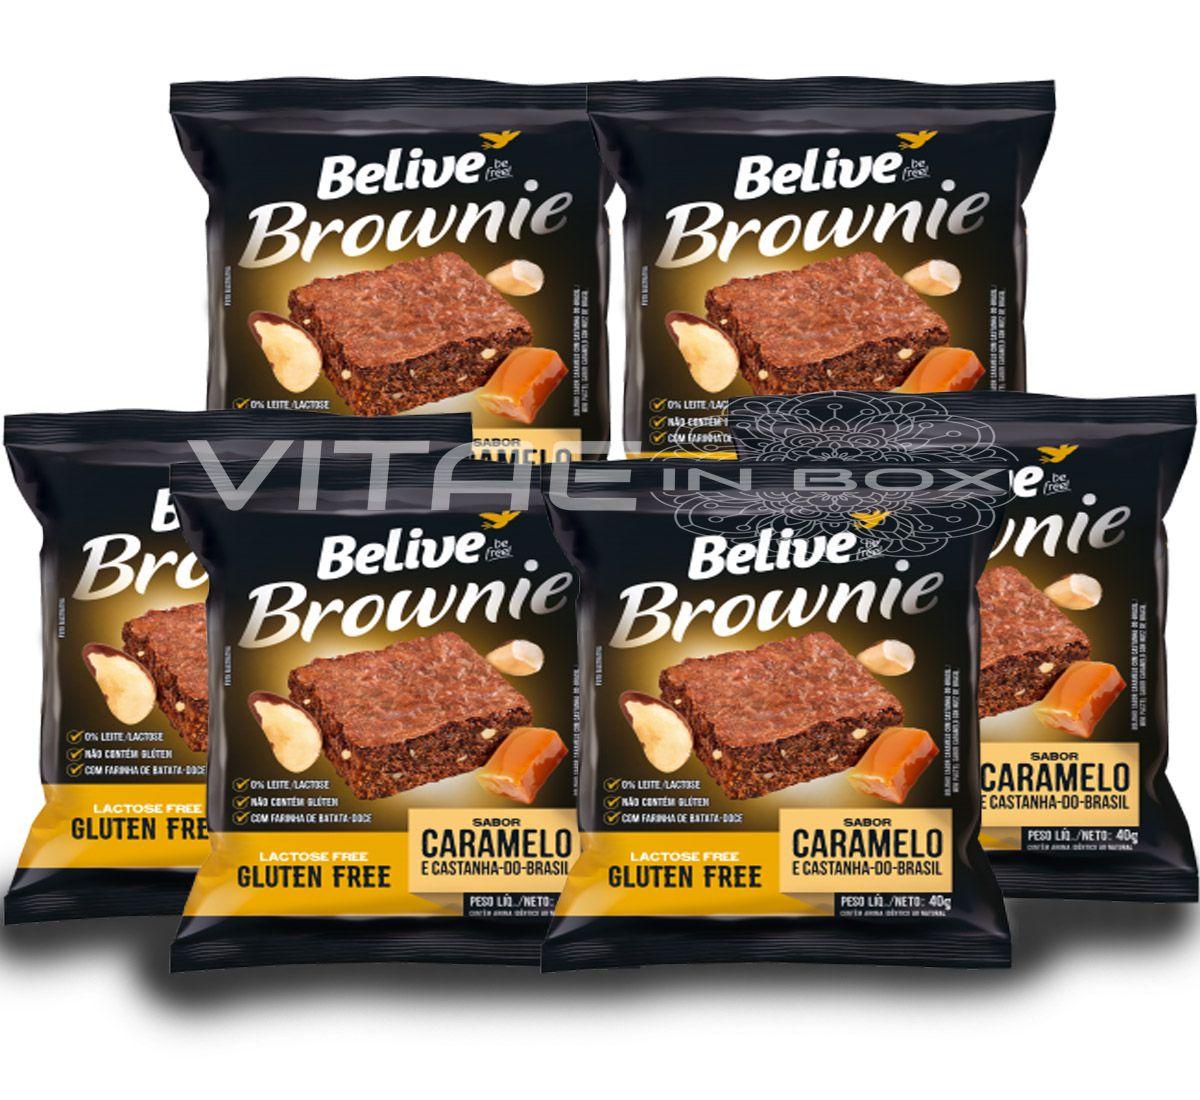 Brownie Caramelo com Castanhas do Brasil Sem Glúten Sem Lactose 06x40g - Belive